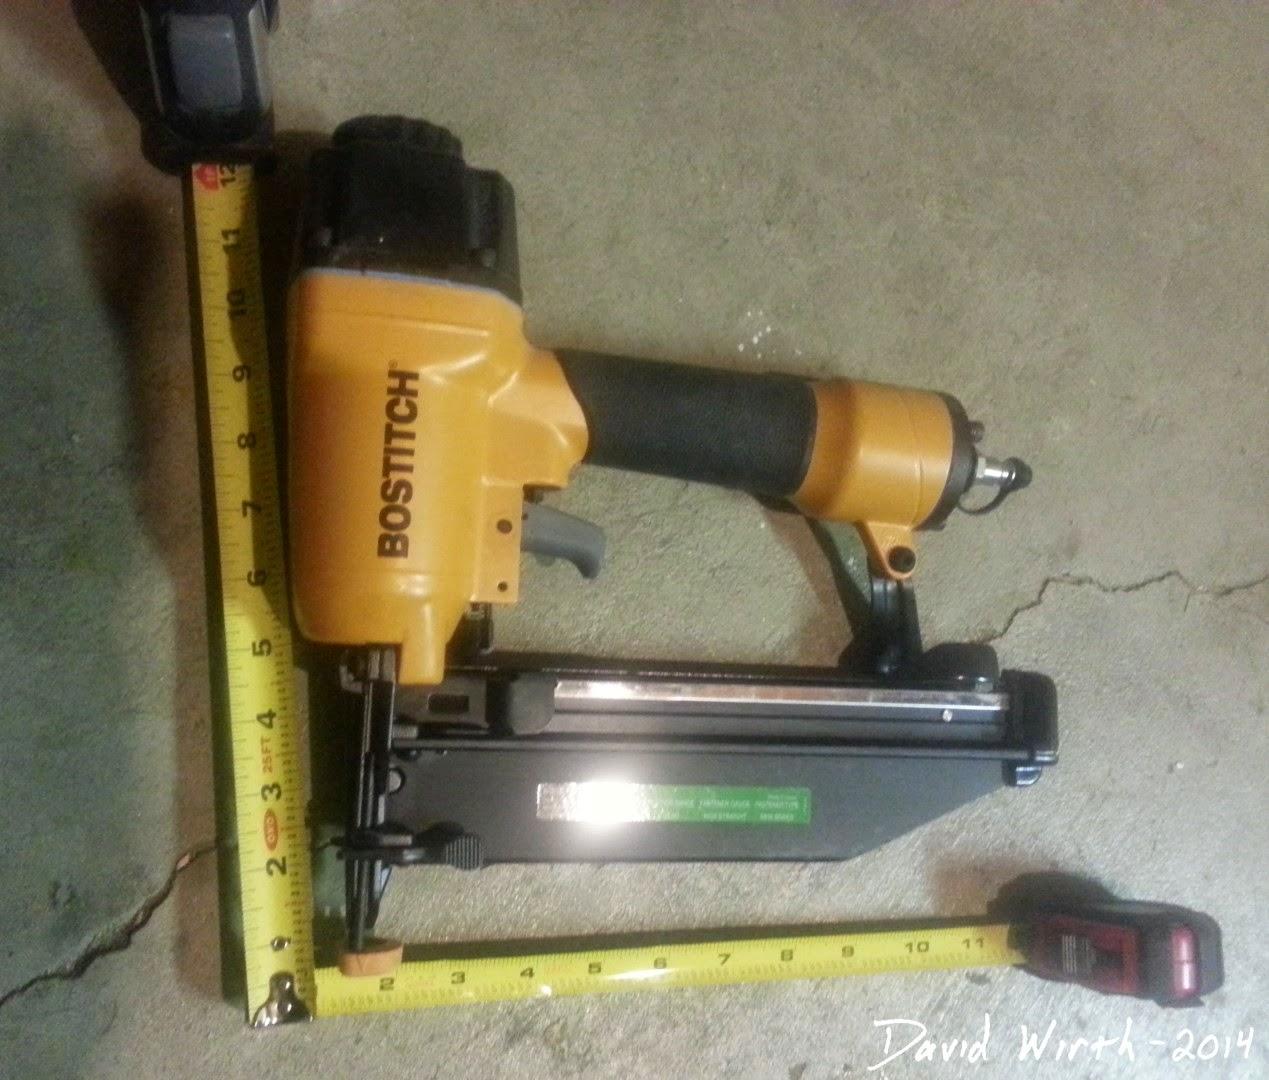 bostitch nail gun measurement, case, size